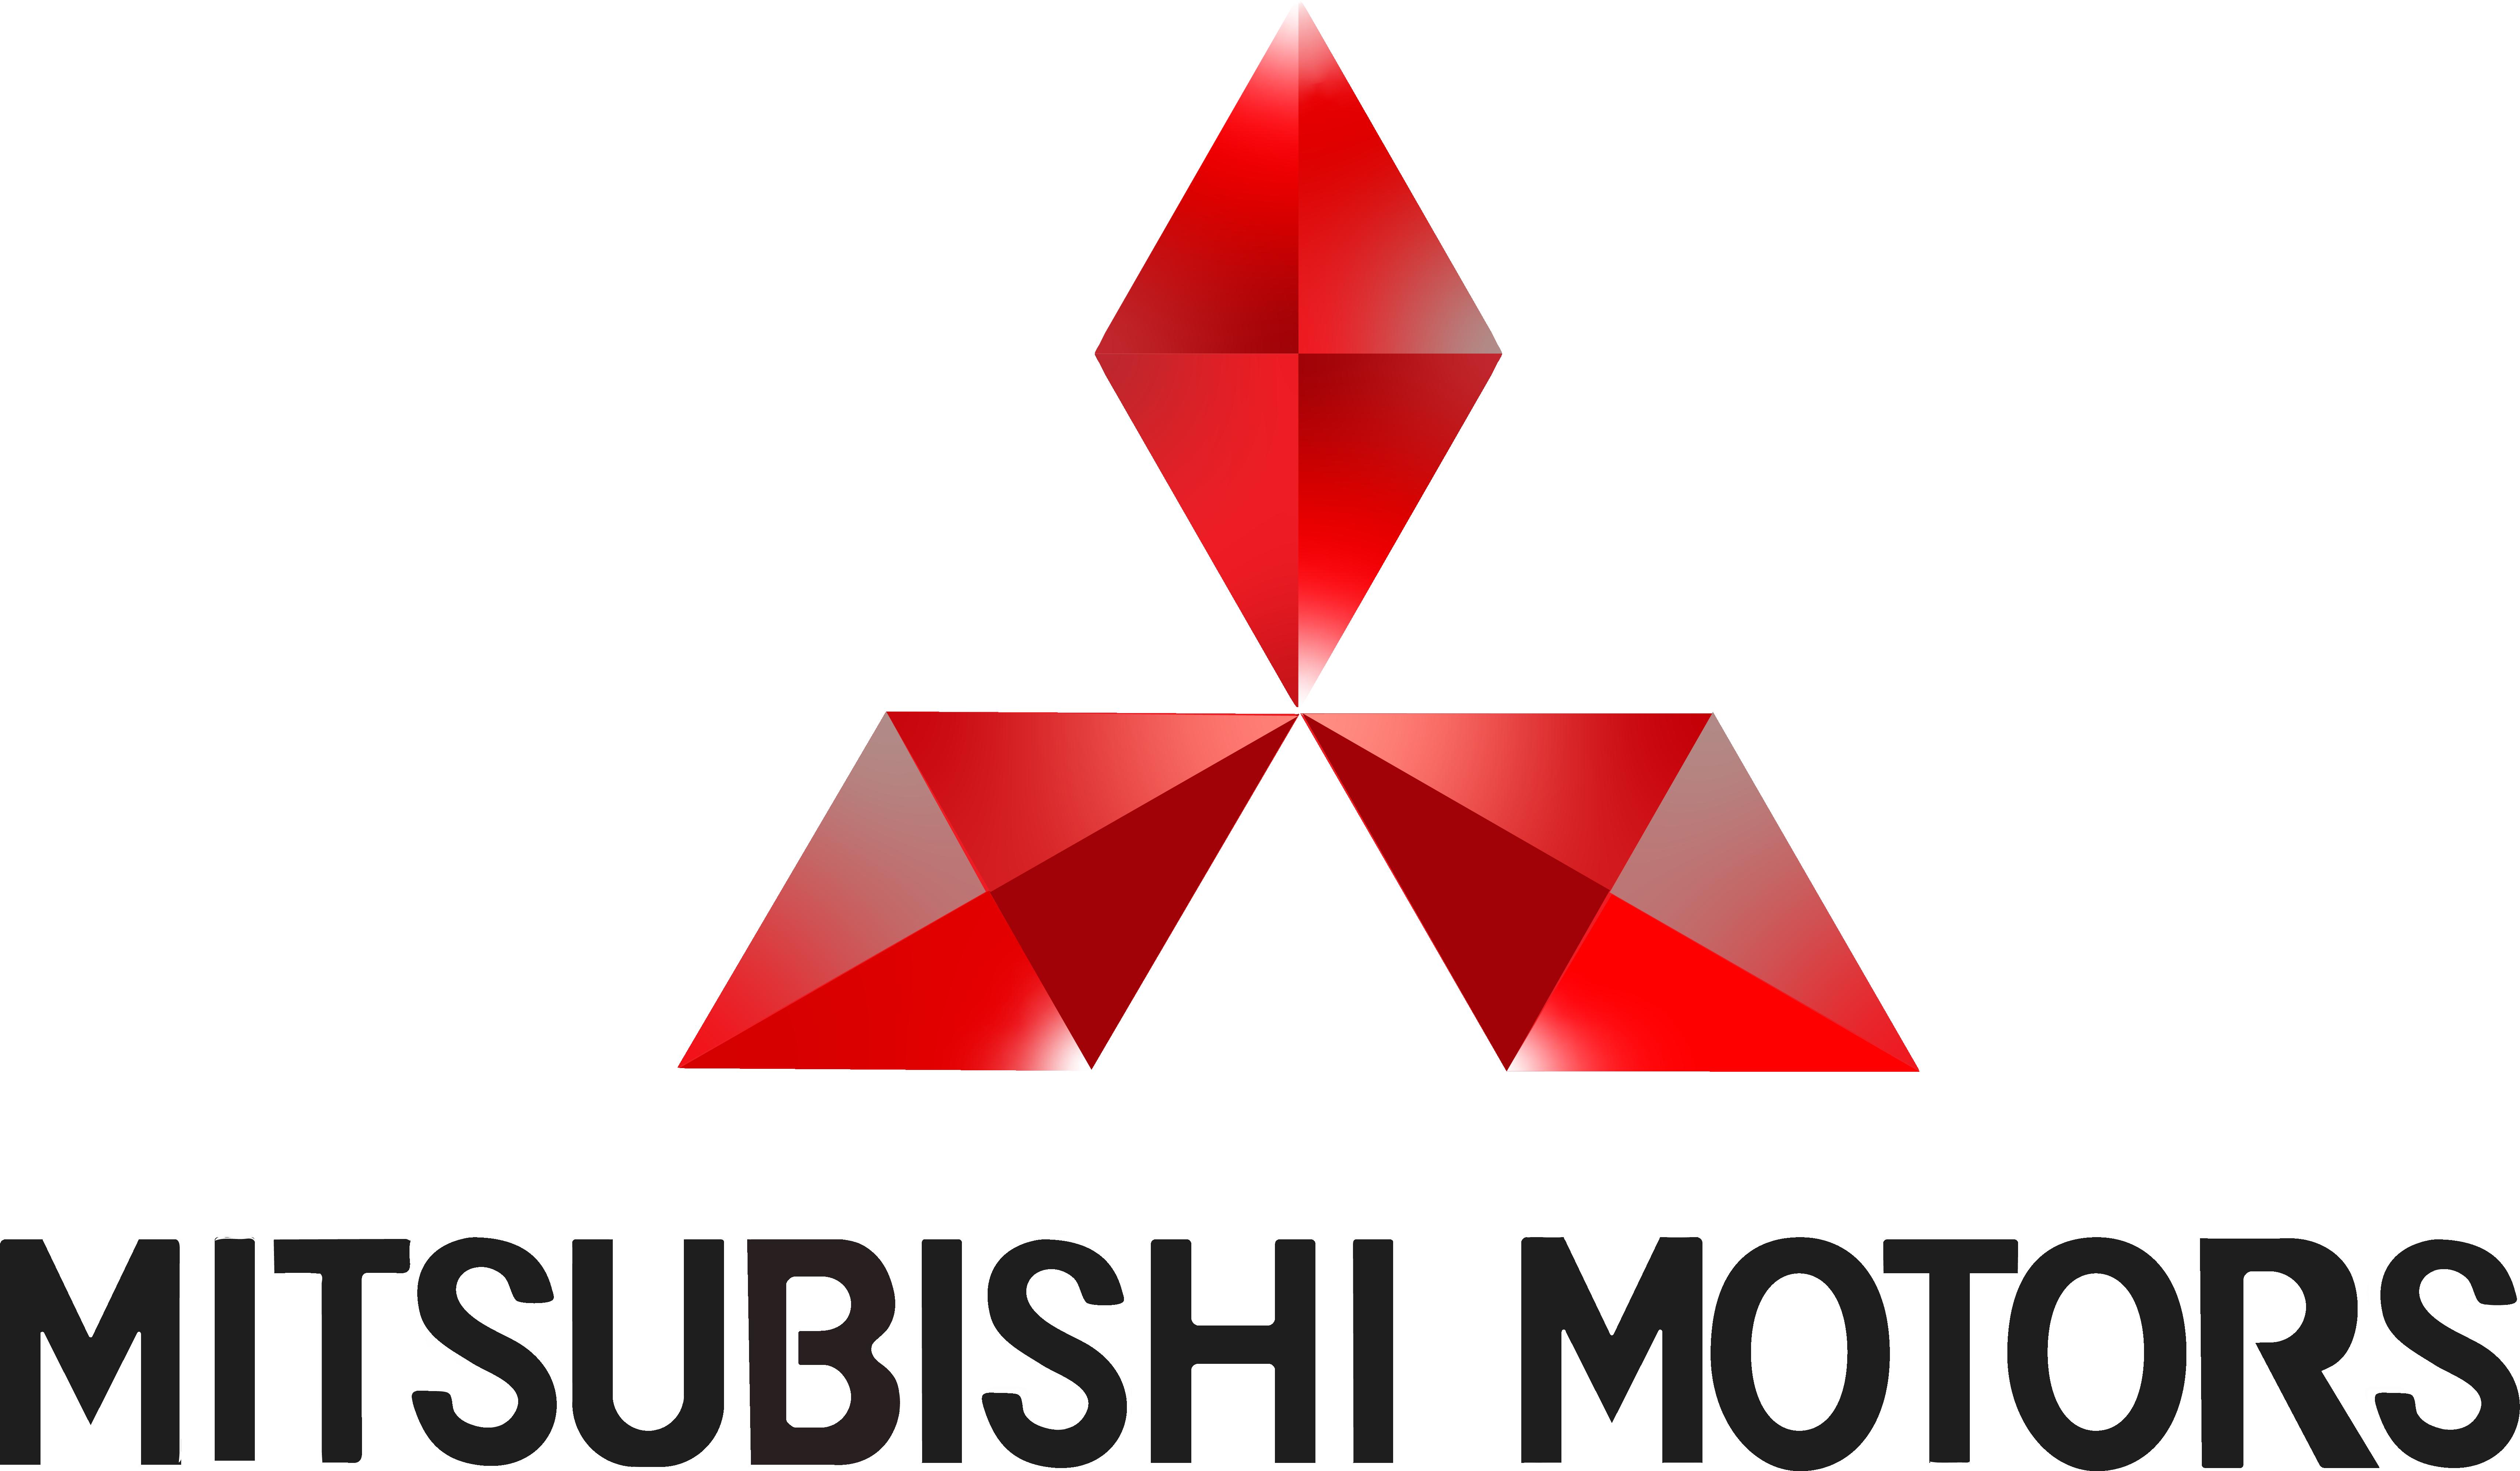 mitsubishi motors logo gratis png